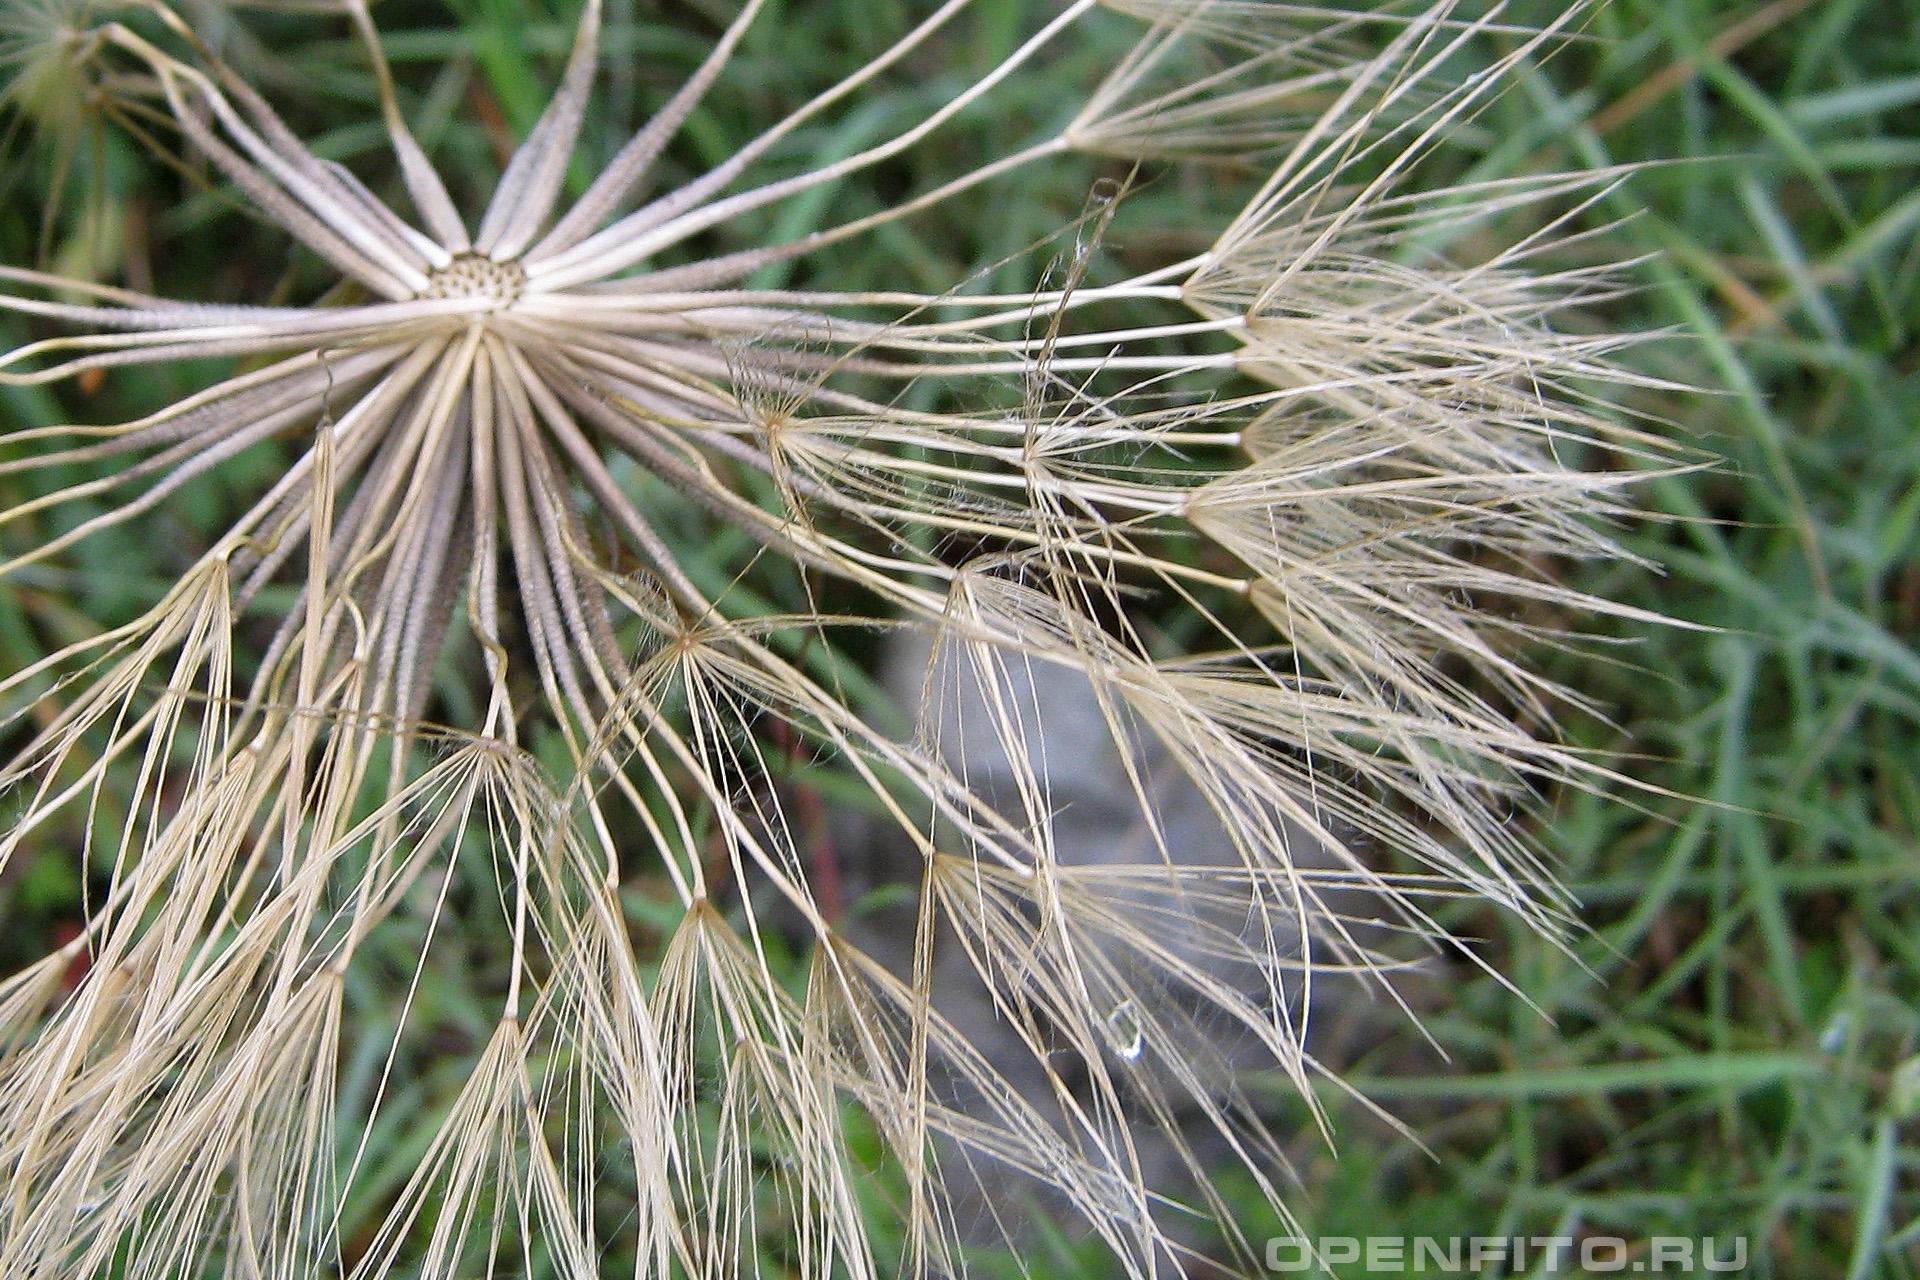 Козлобородник пореелистный семена крупным планом